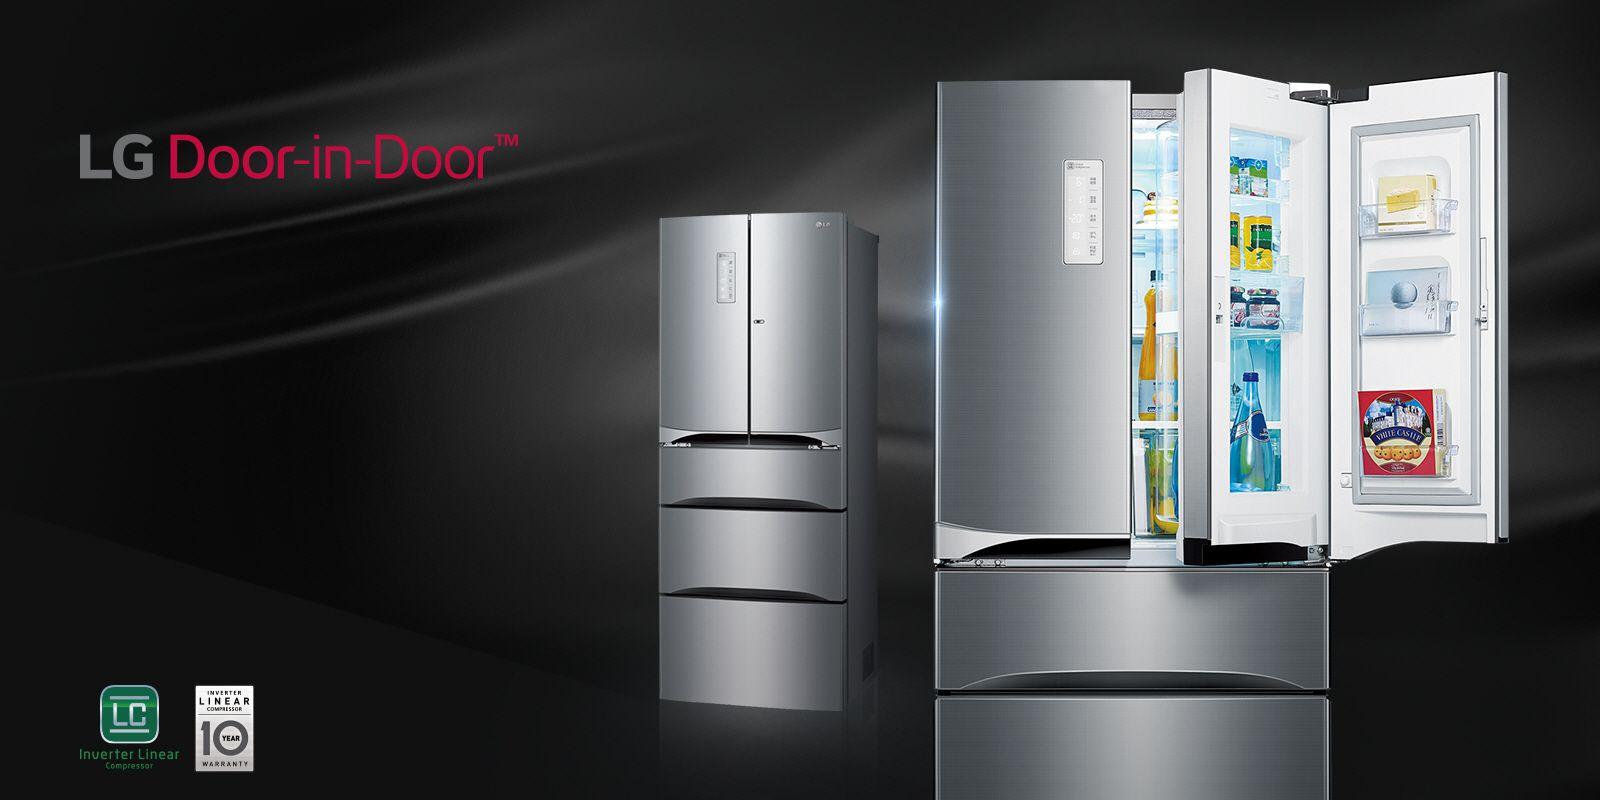 Lg Fridge Freezers Tall Narrow Wide Refrigerators Lg Uk